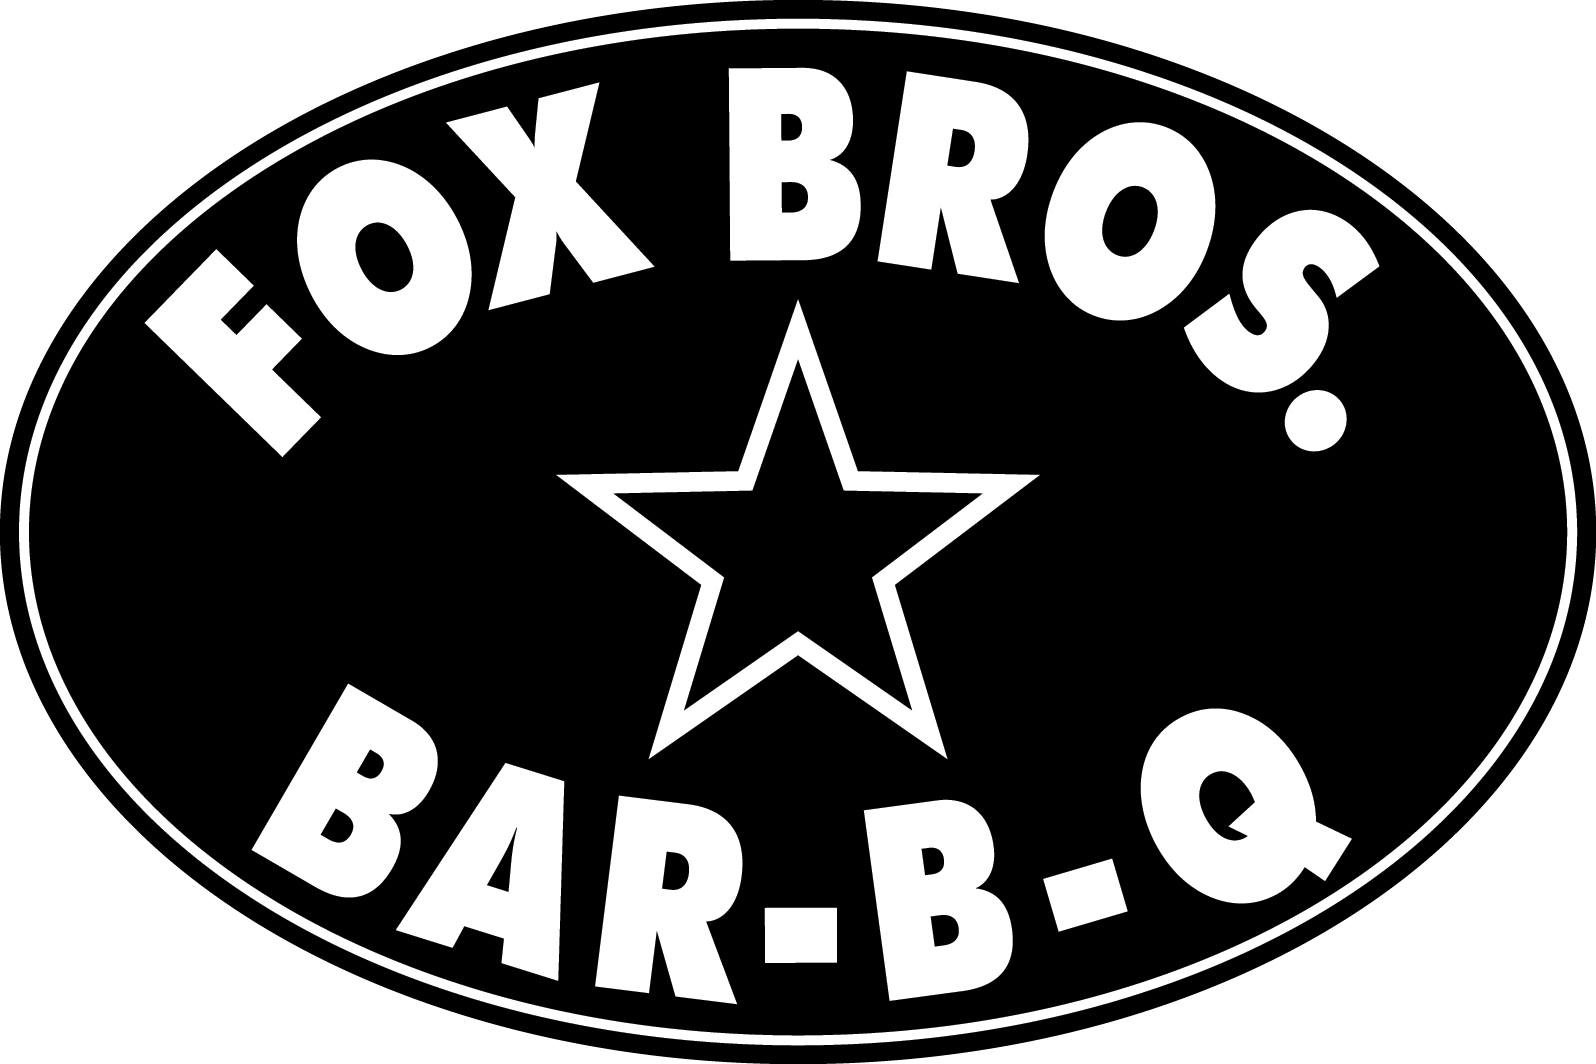 fox_bros_bbq.jpg